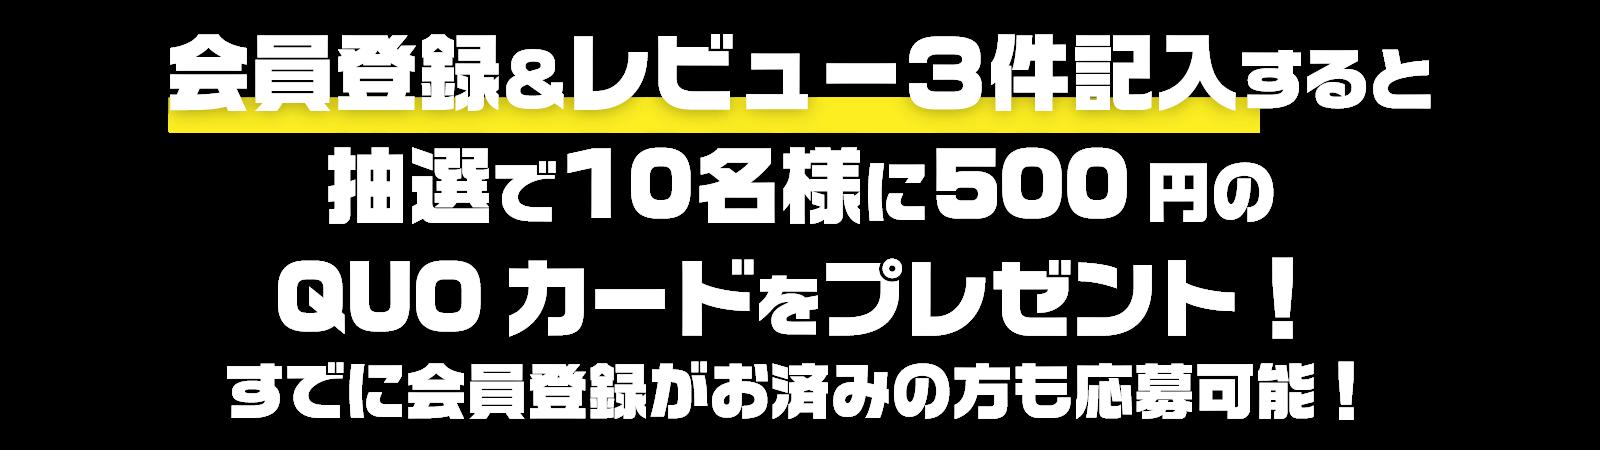 会員登録&レビュー3件記入すると抽選で10名様に500円のQUOカードをプレゼント!